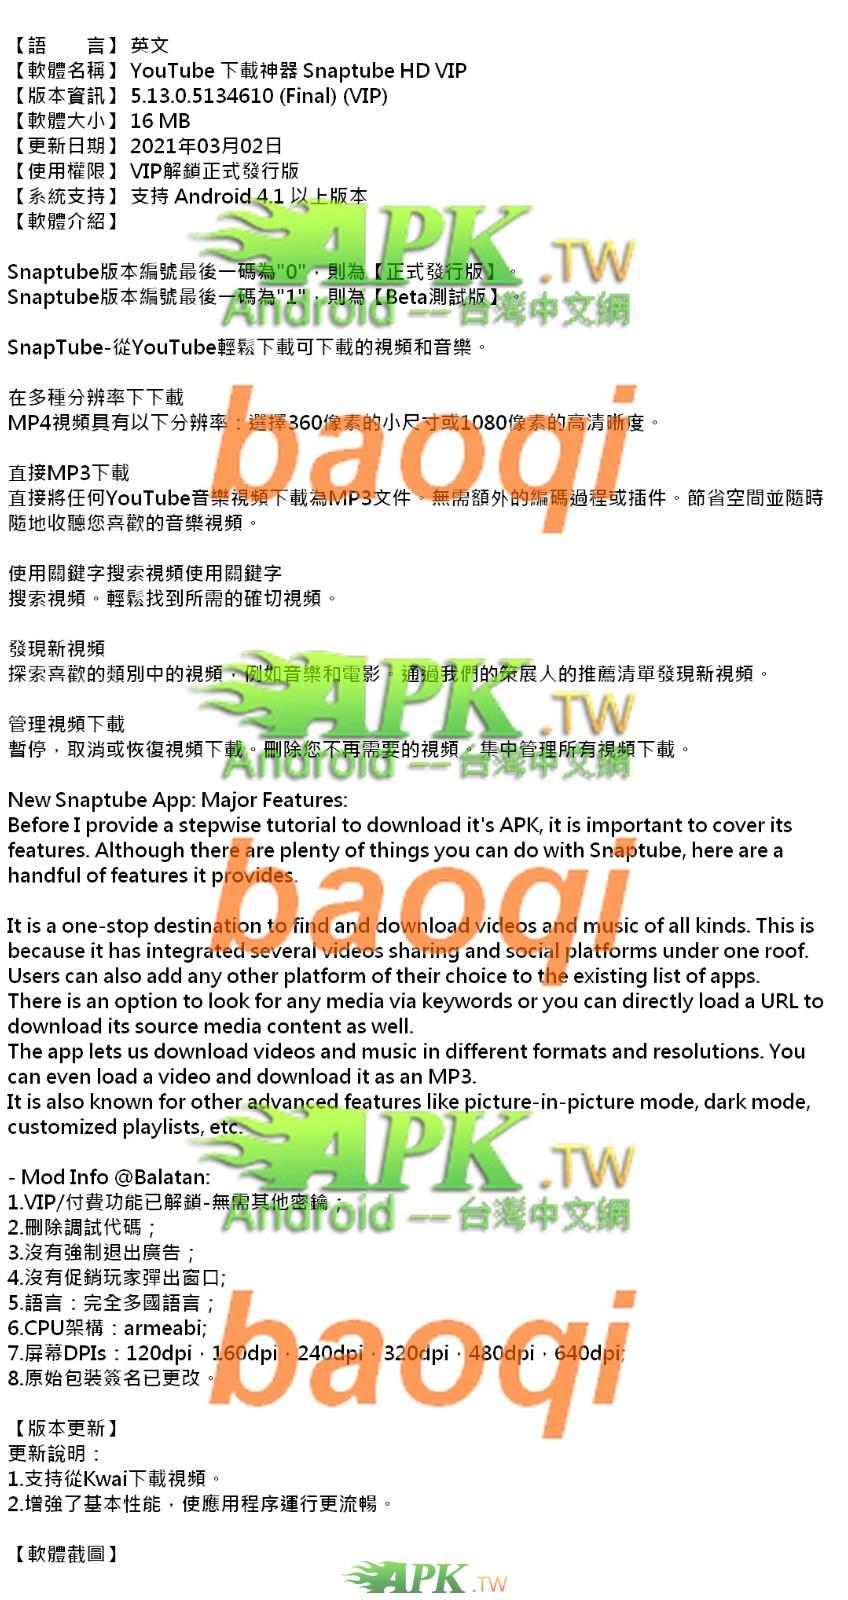 Snaptube_VIP_5.13.0.5134610 APK_.jpg